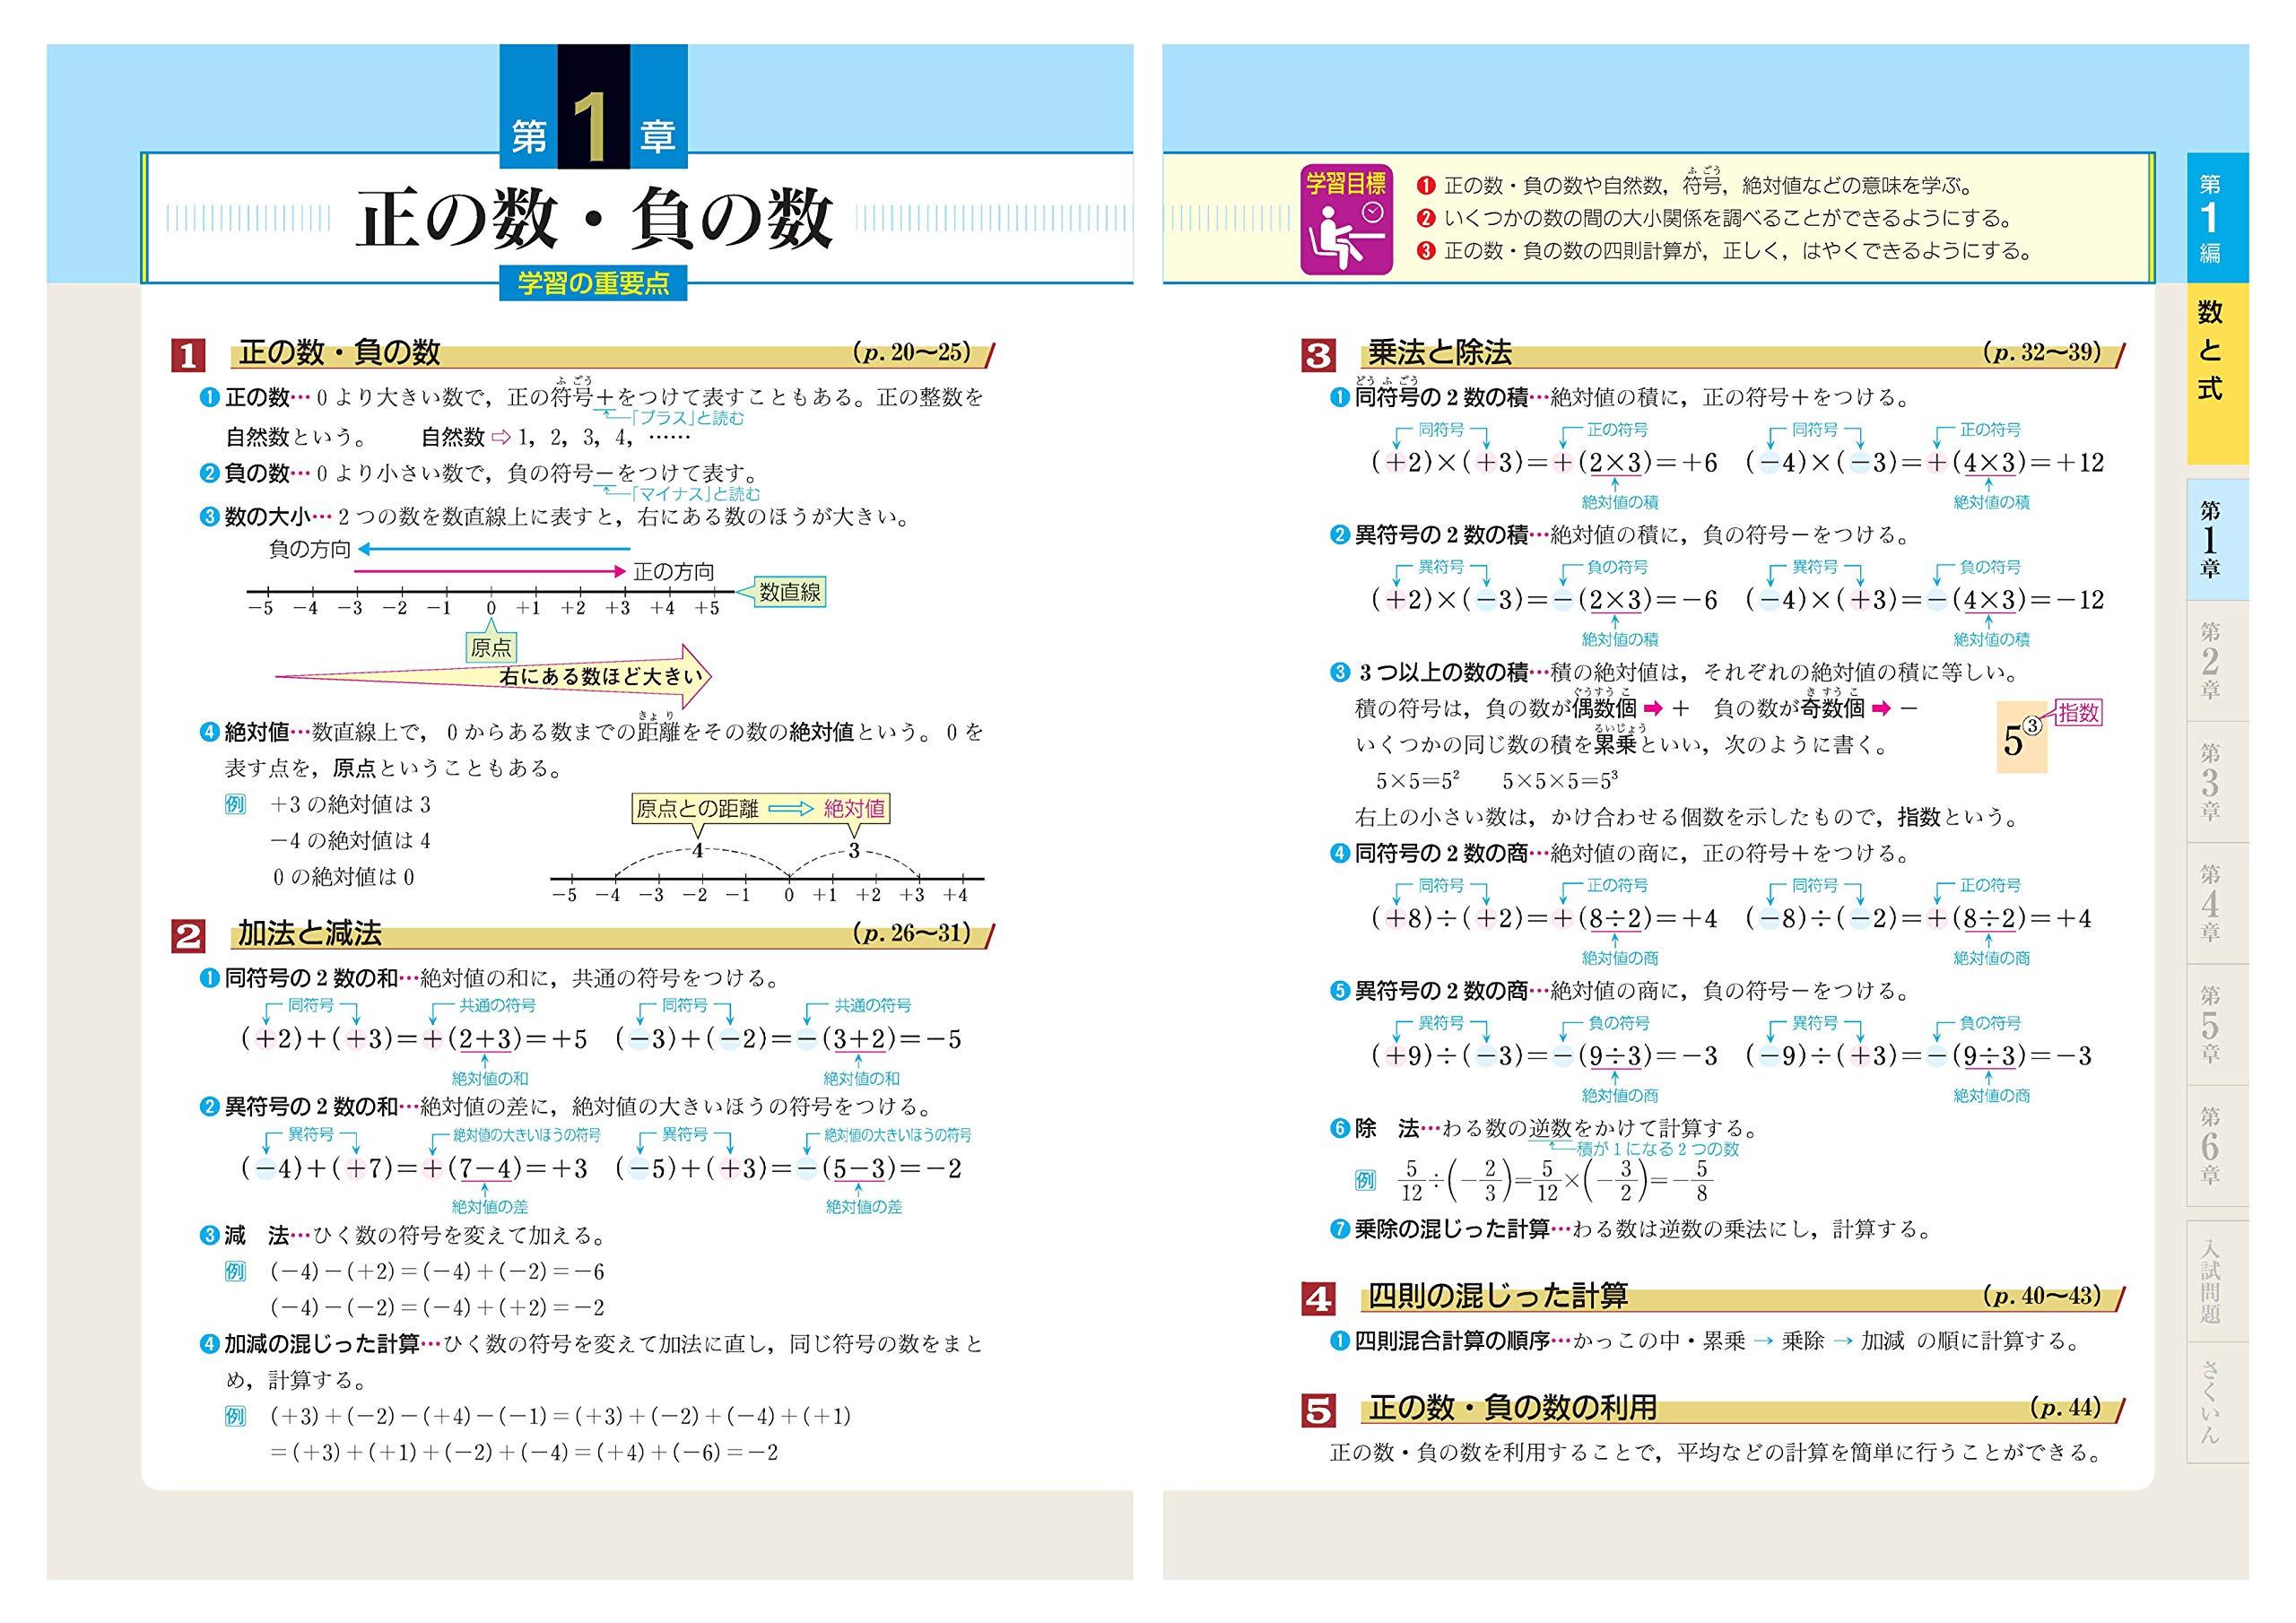 中学 数学 自由自在 基礎から難関校受験まで 松本堯生 本